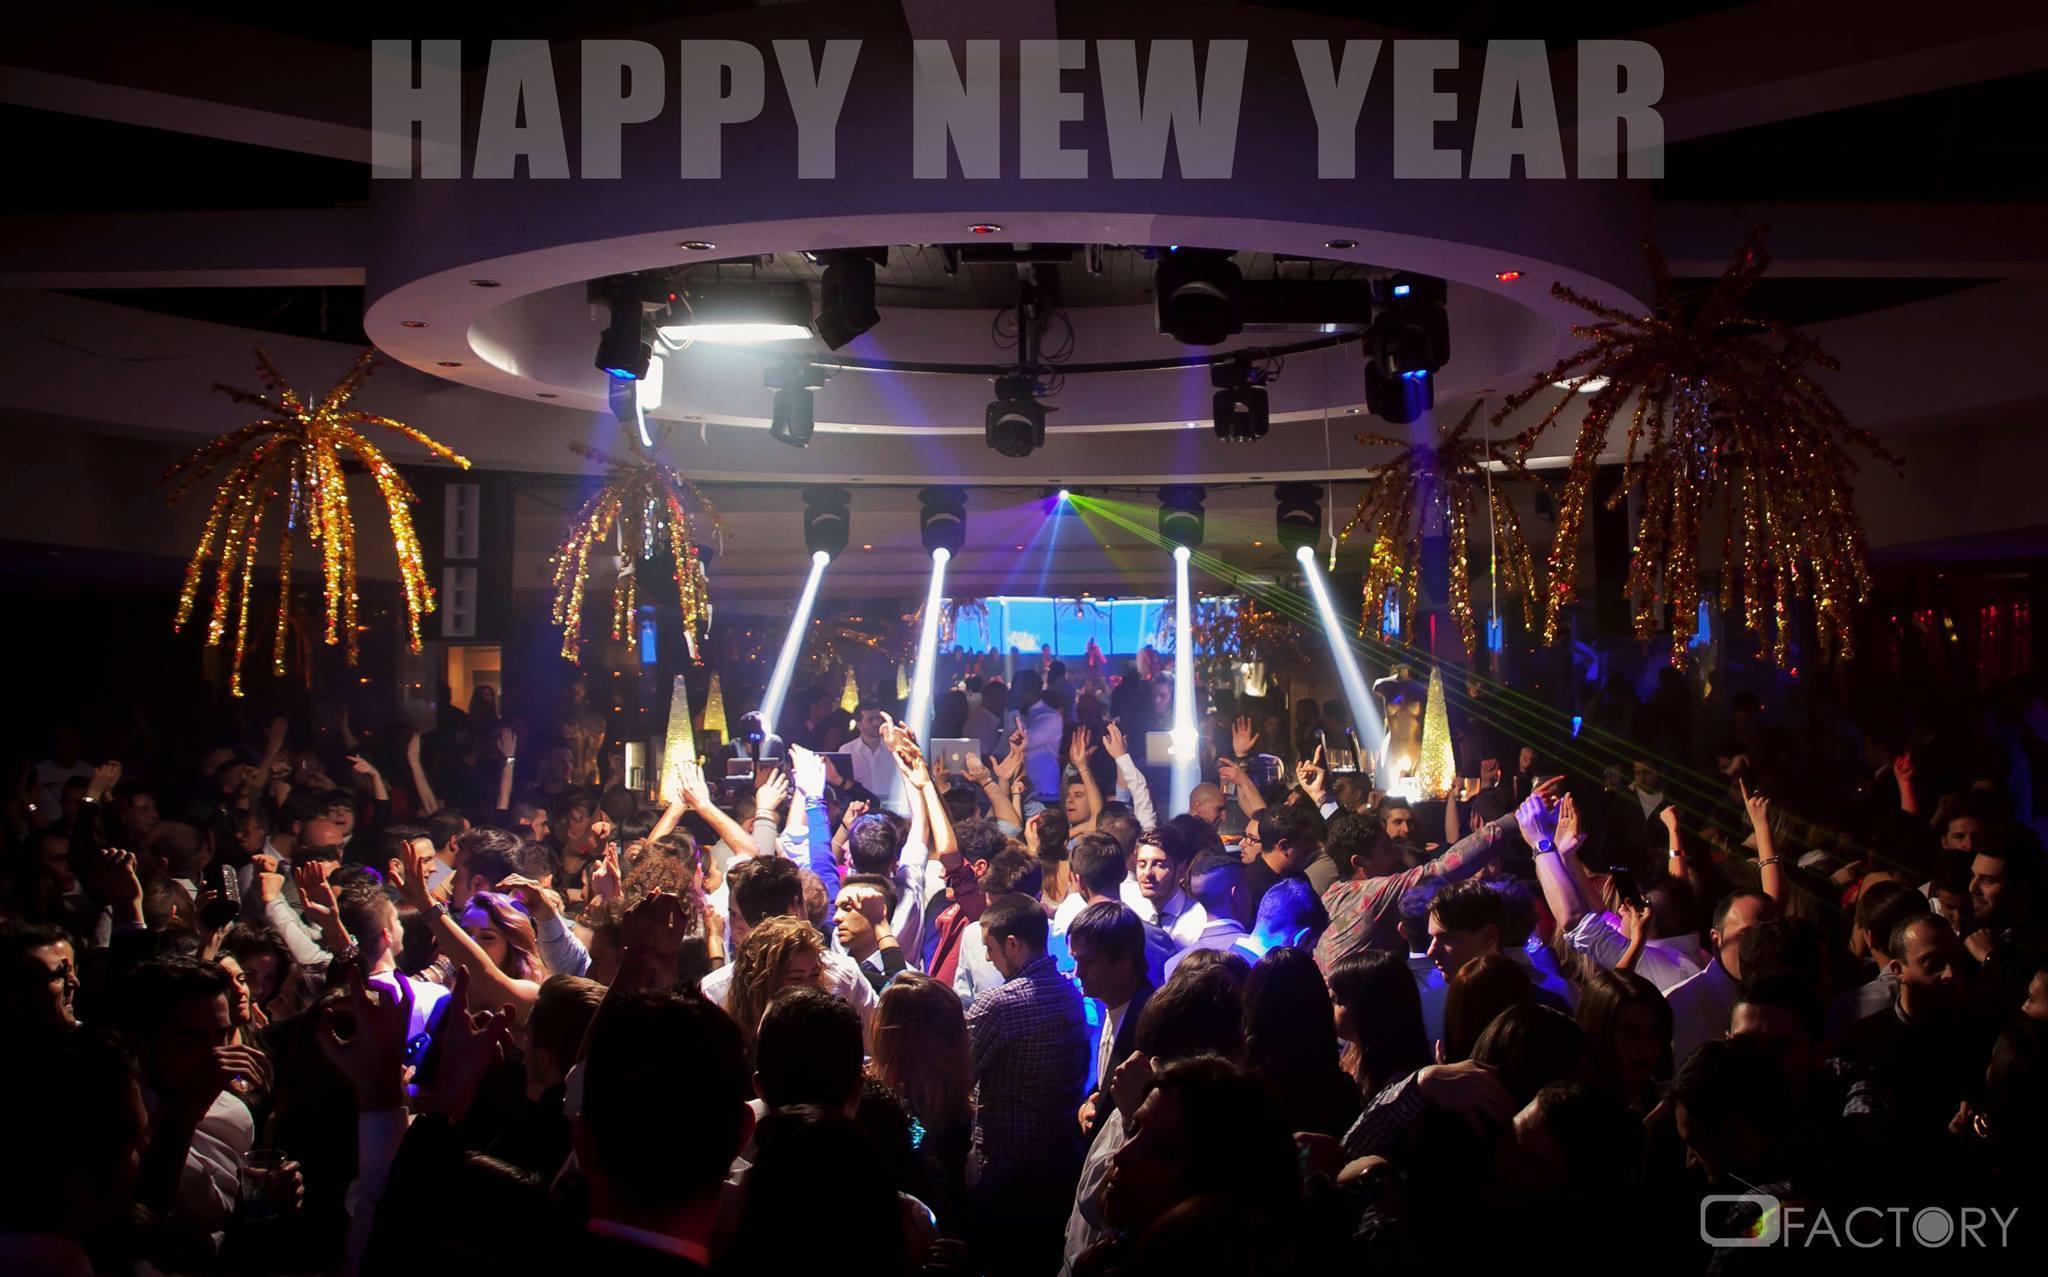 Capodanno 2021 al BB Disco Dinner, evento annullato causa pandemia